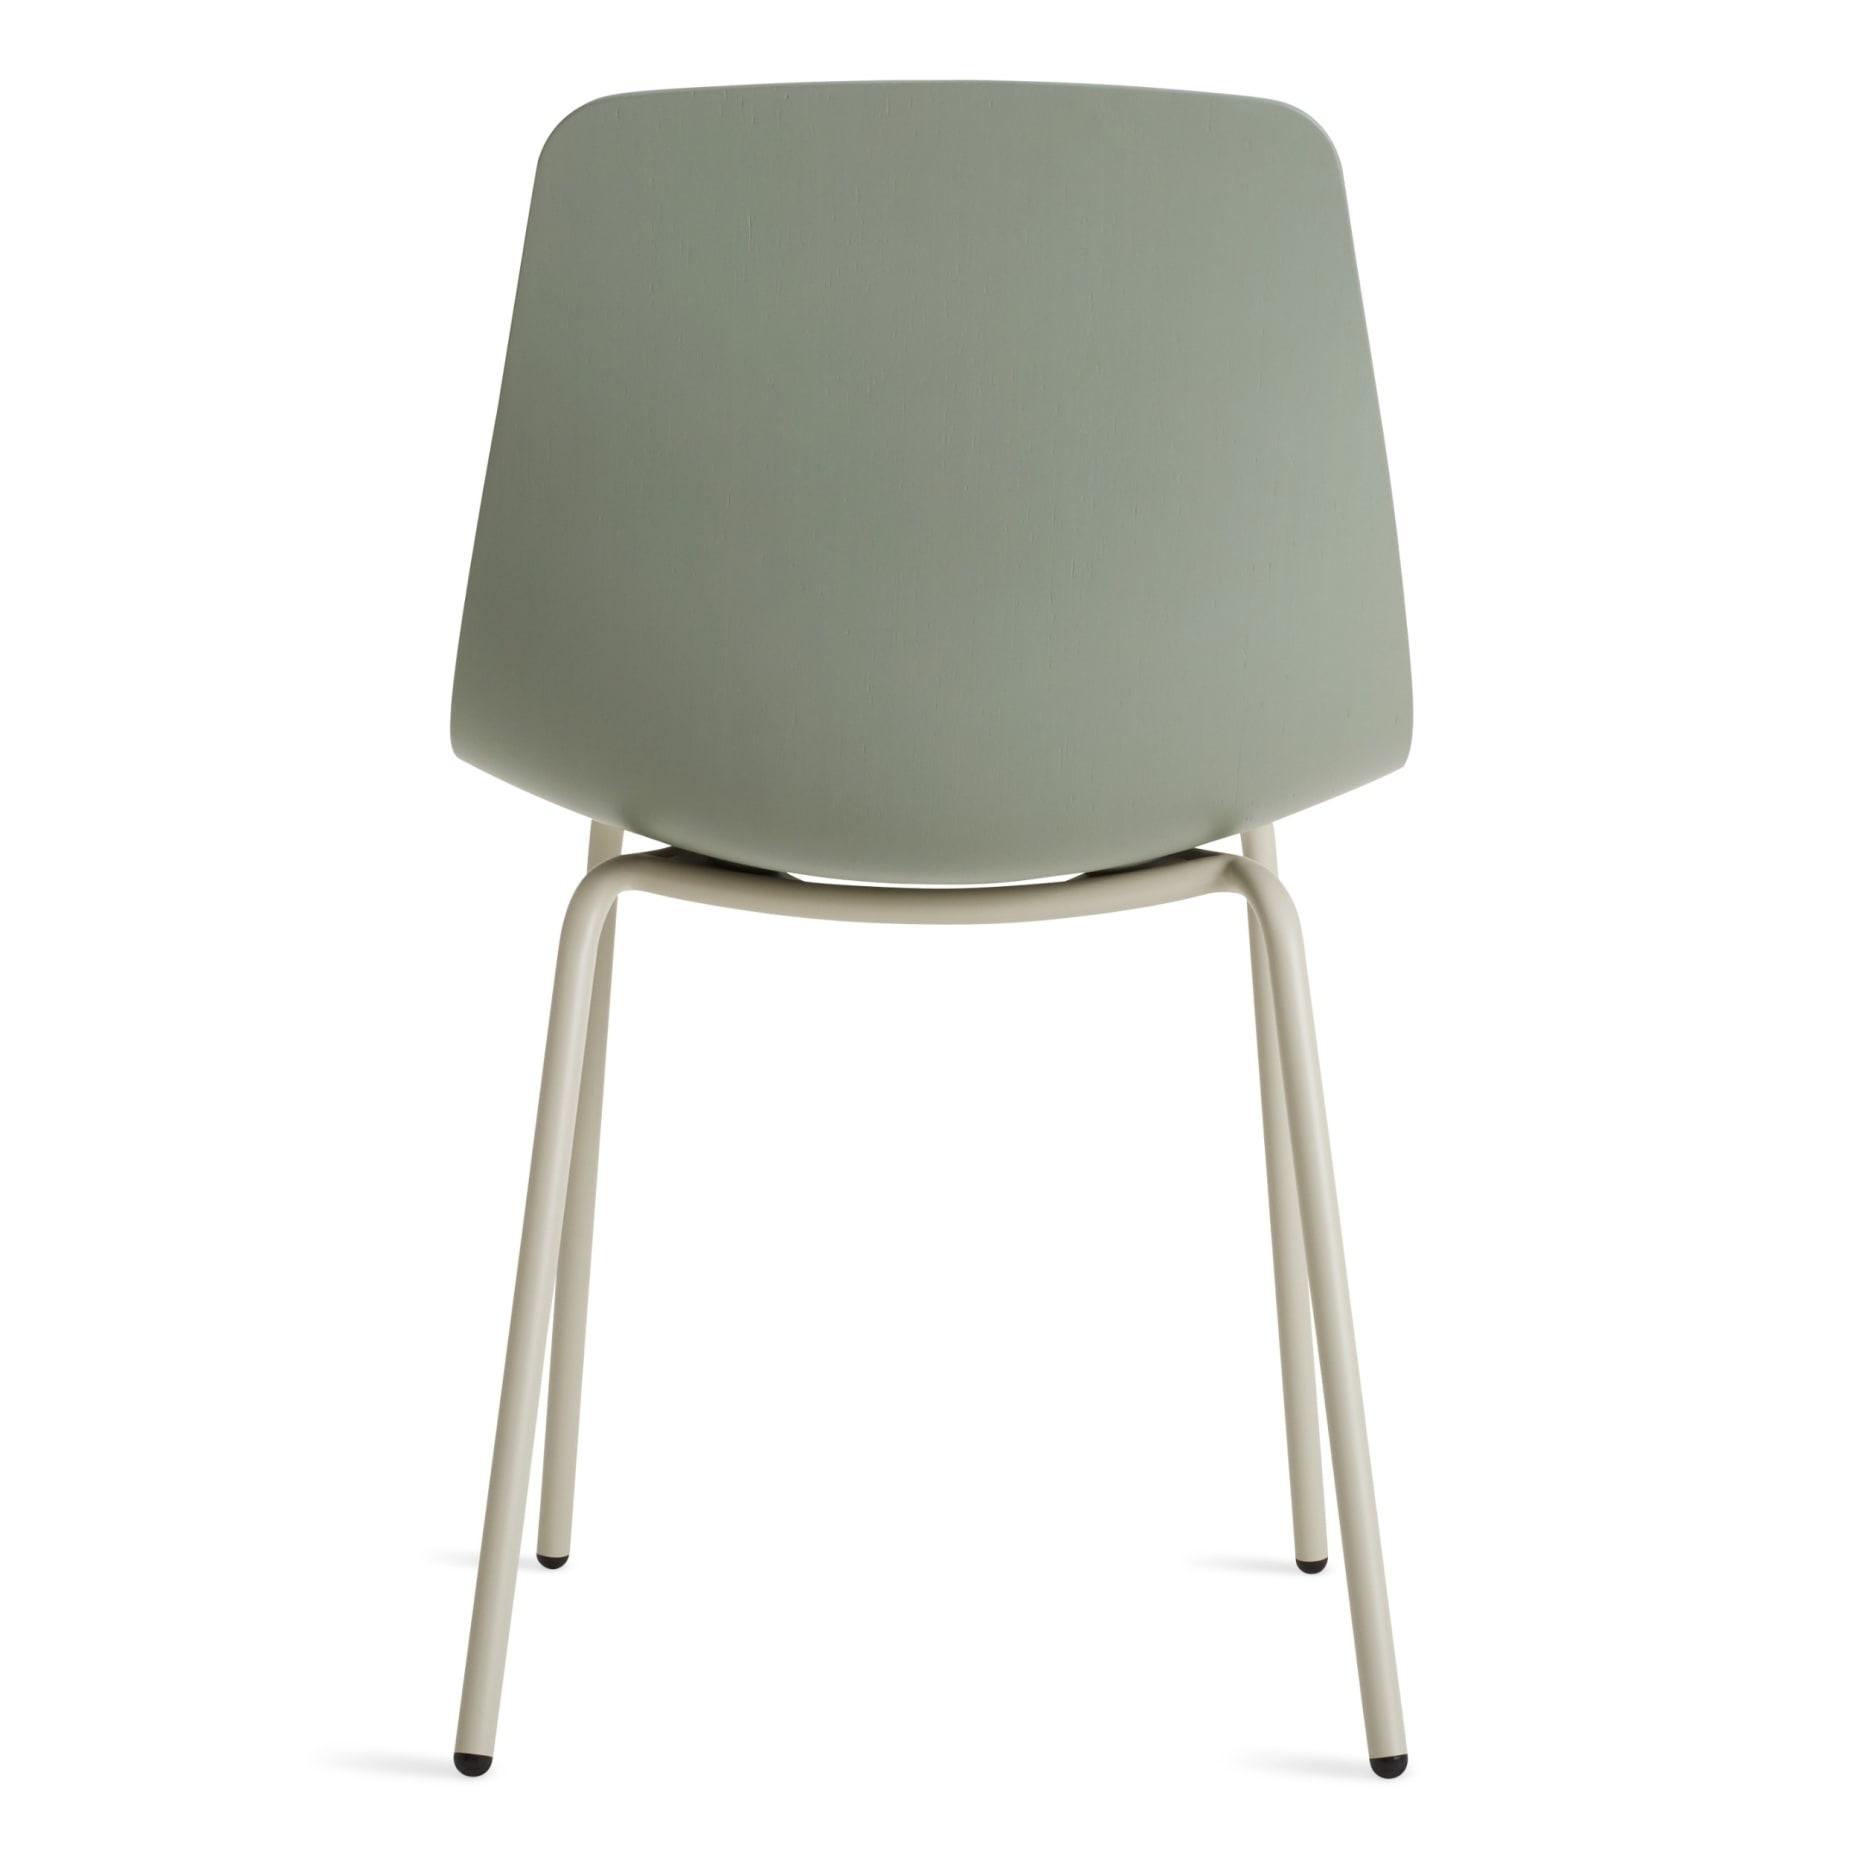 cu1 dinchr gg back clean cut dining chair grey green